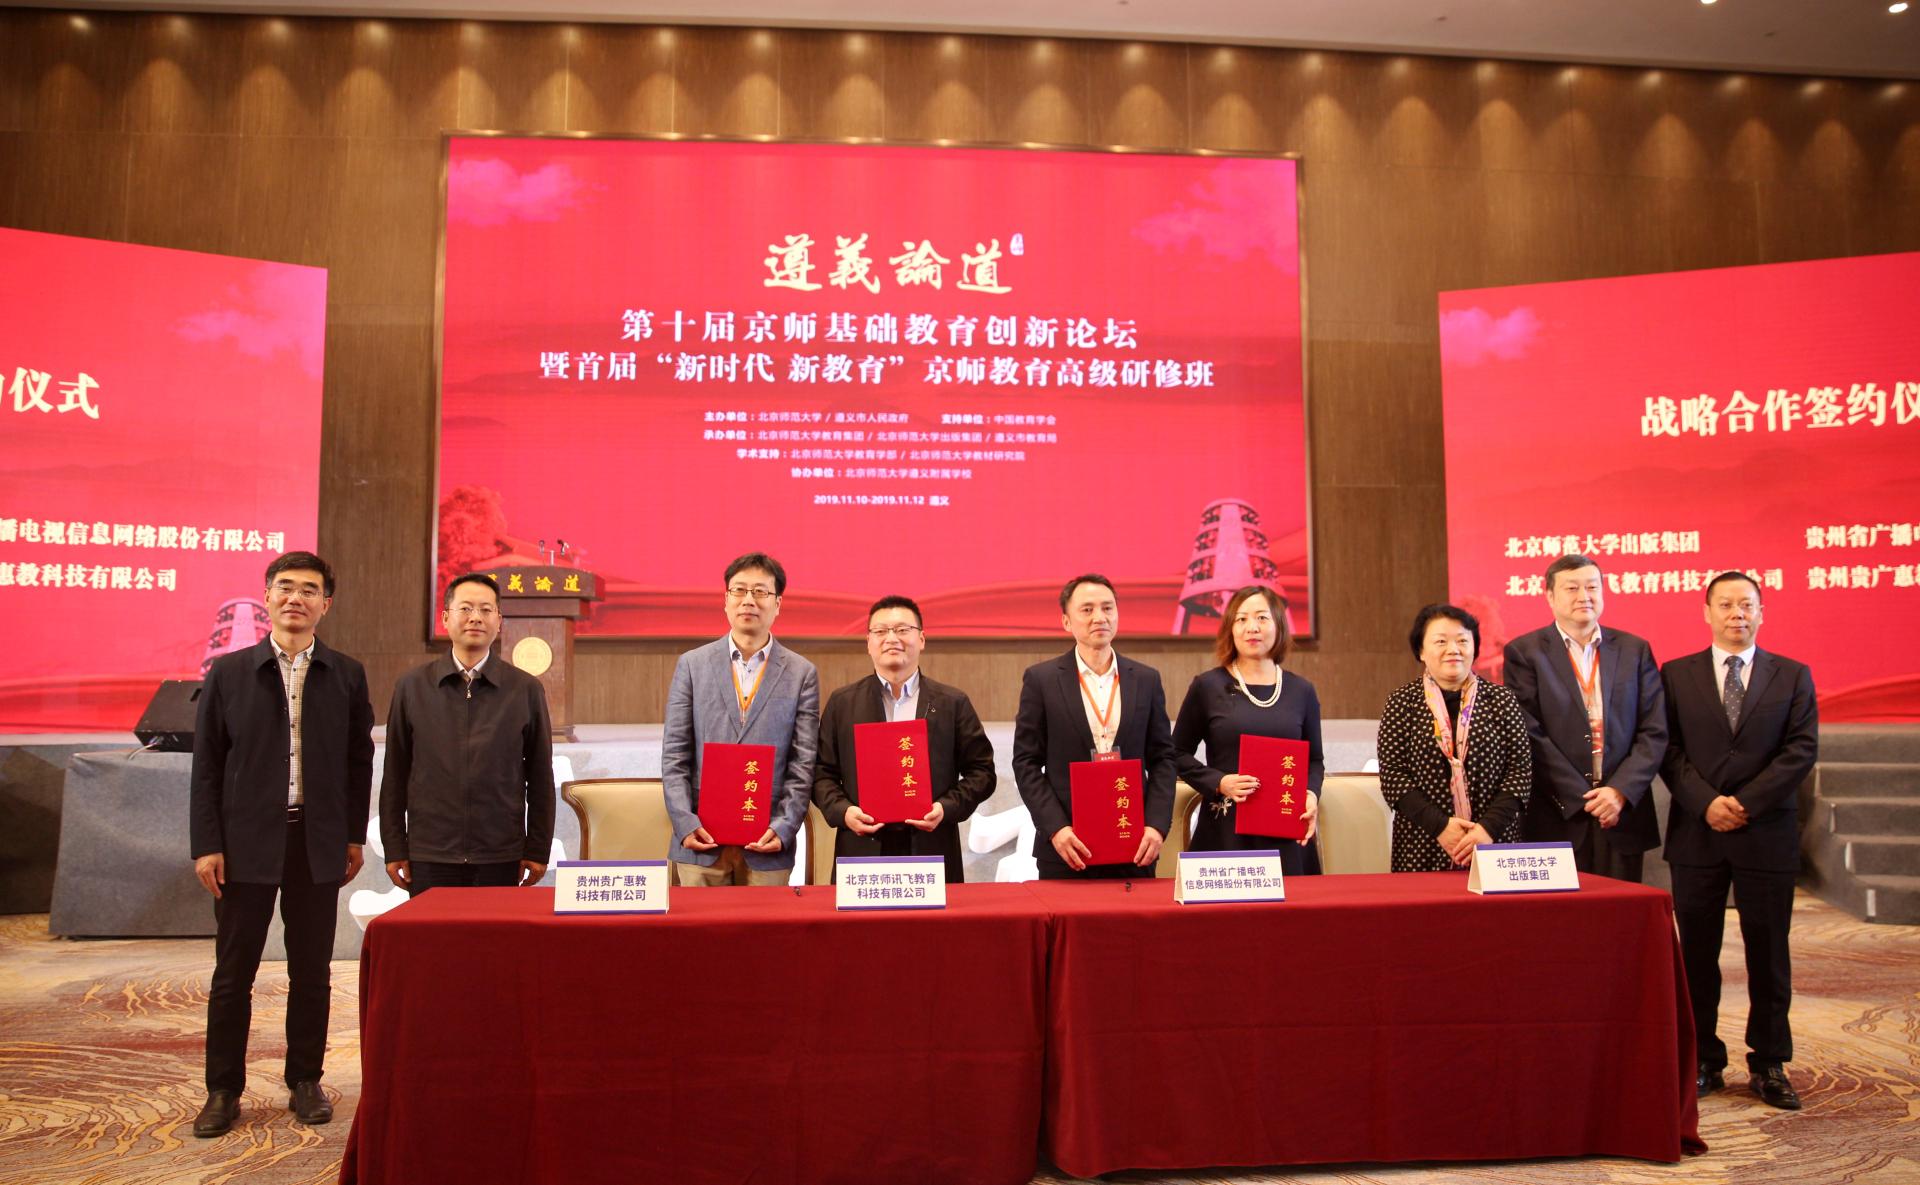 北師大出版集團與貴州省廣播電視信息網絡股份有限公司,北京京師訊飛教育科技有限公司與貴州貴廣惠教科技有限公司簽署了共同推動貴州教育現代化相關項目的戰略合作協議